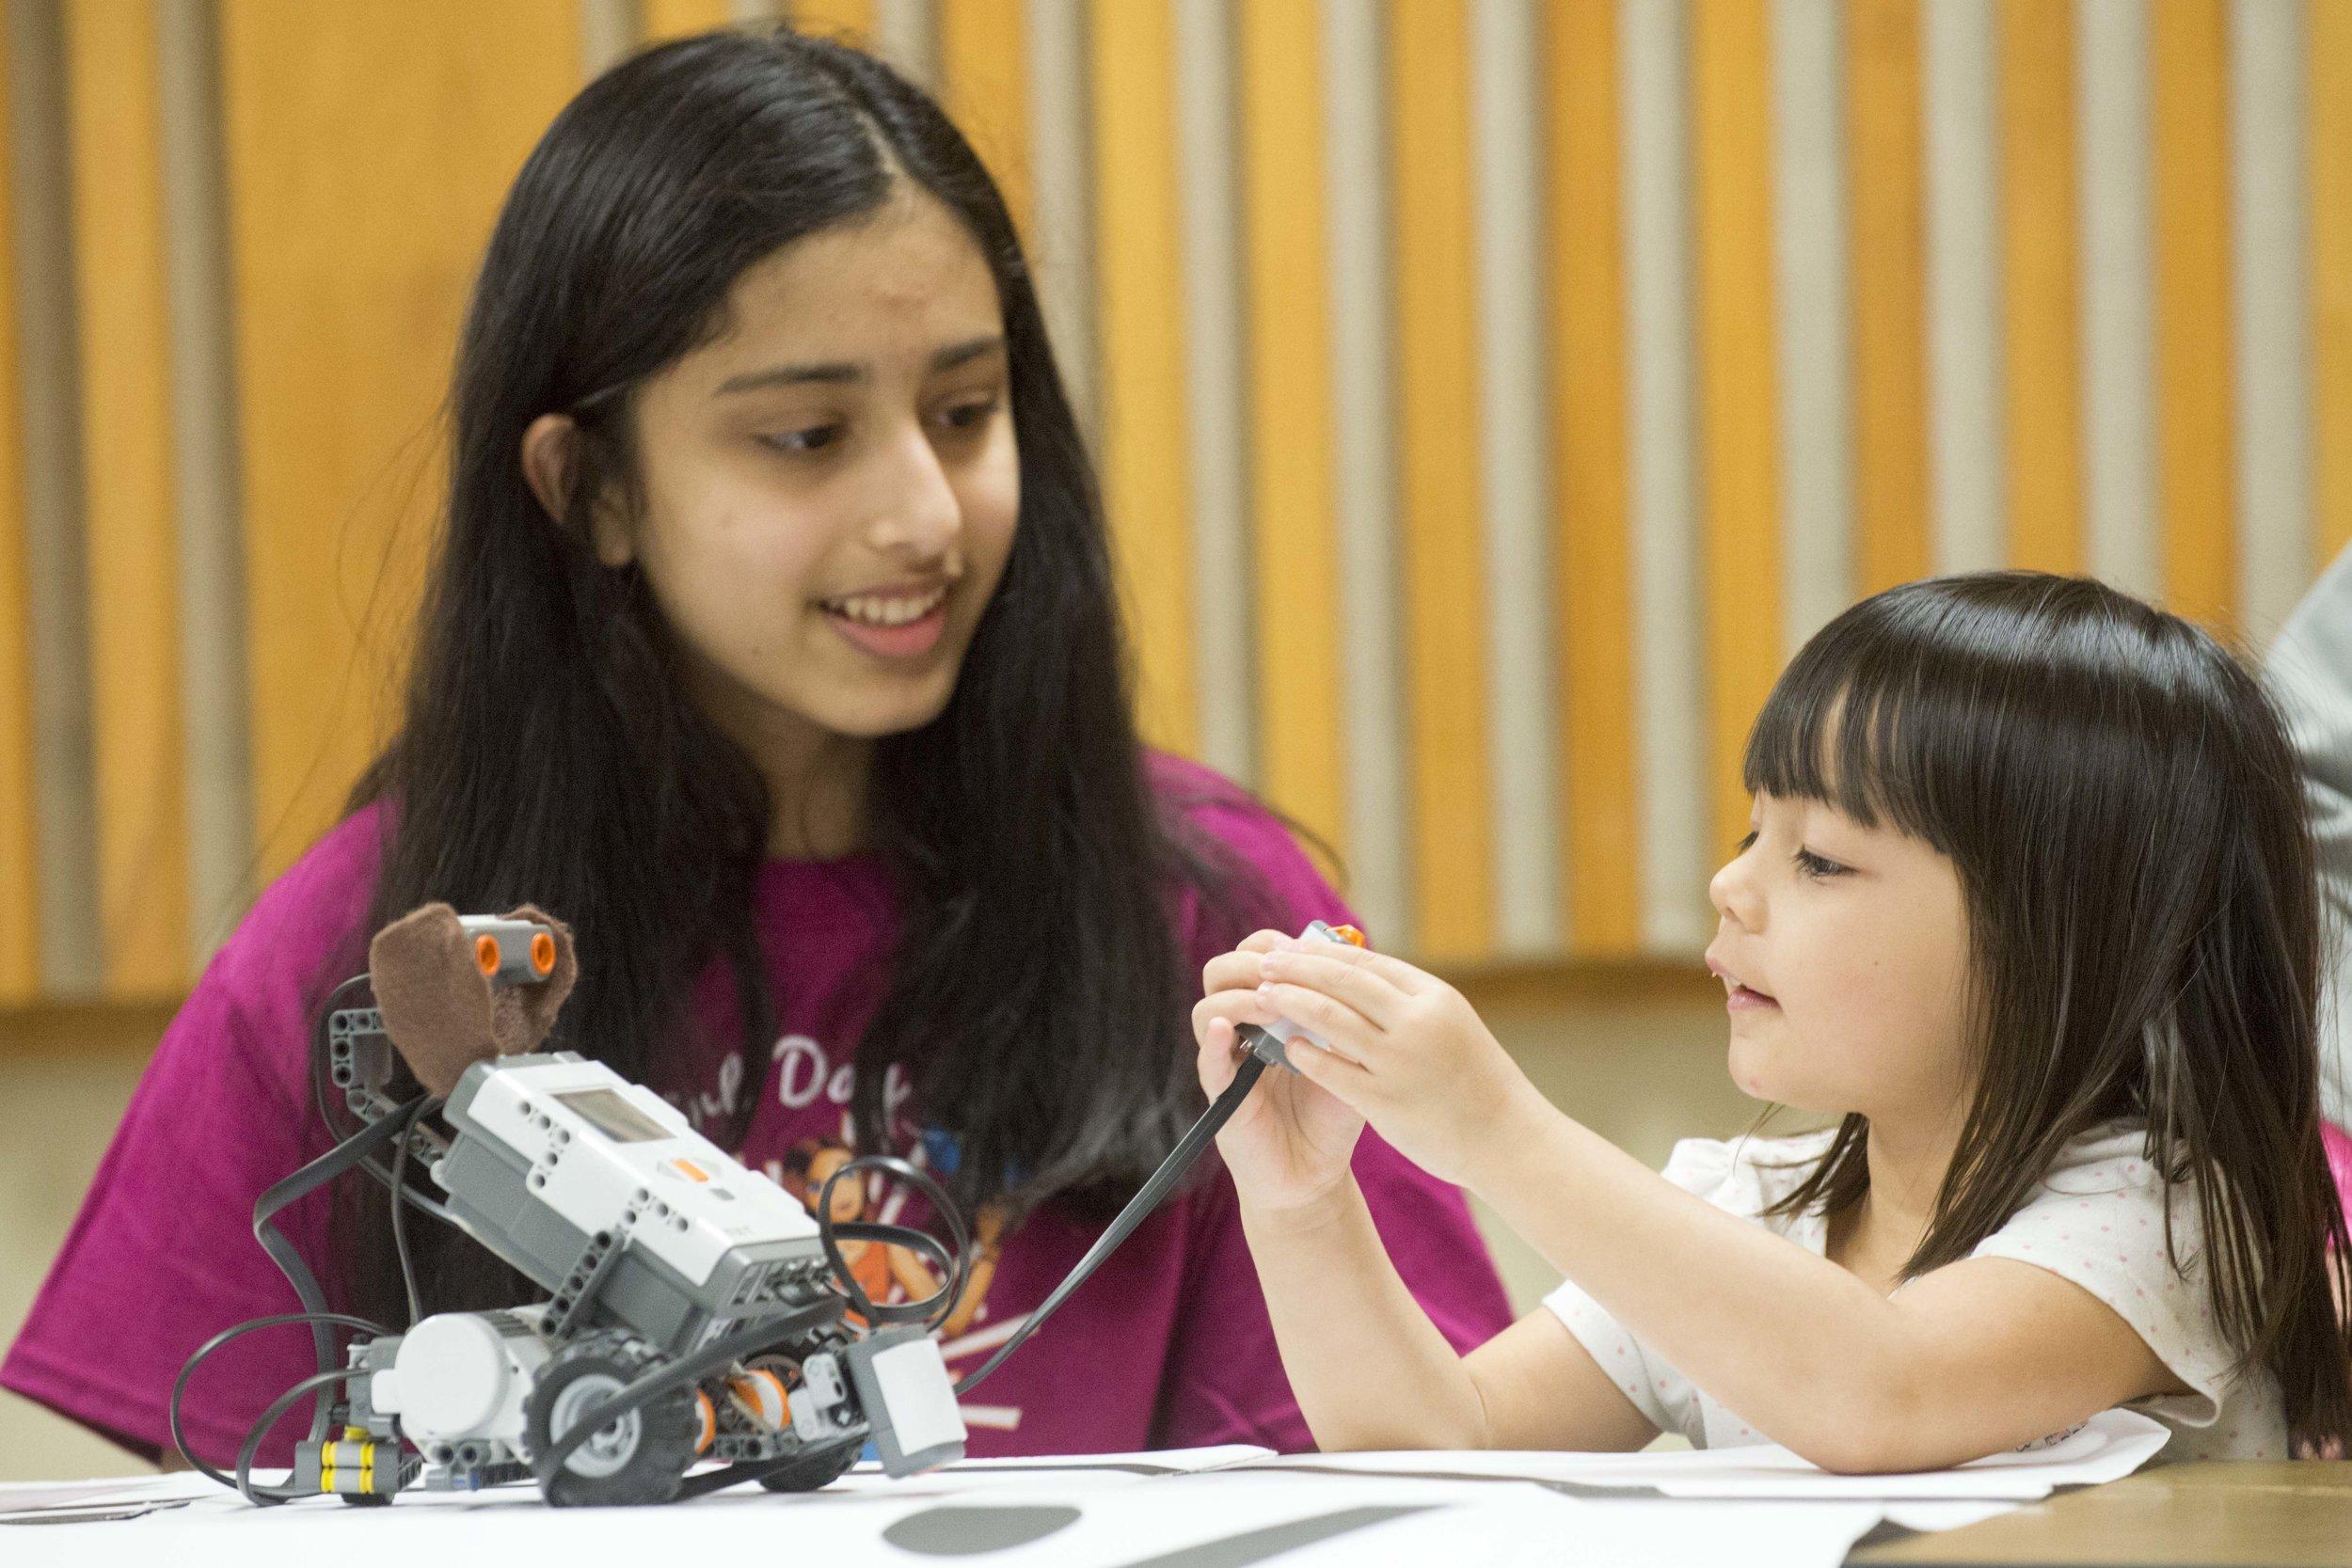 Girl Day STEM Festival - Cockrell School of Engineering 201_89.jpg